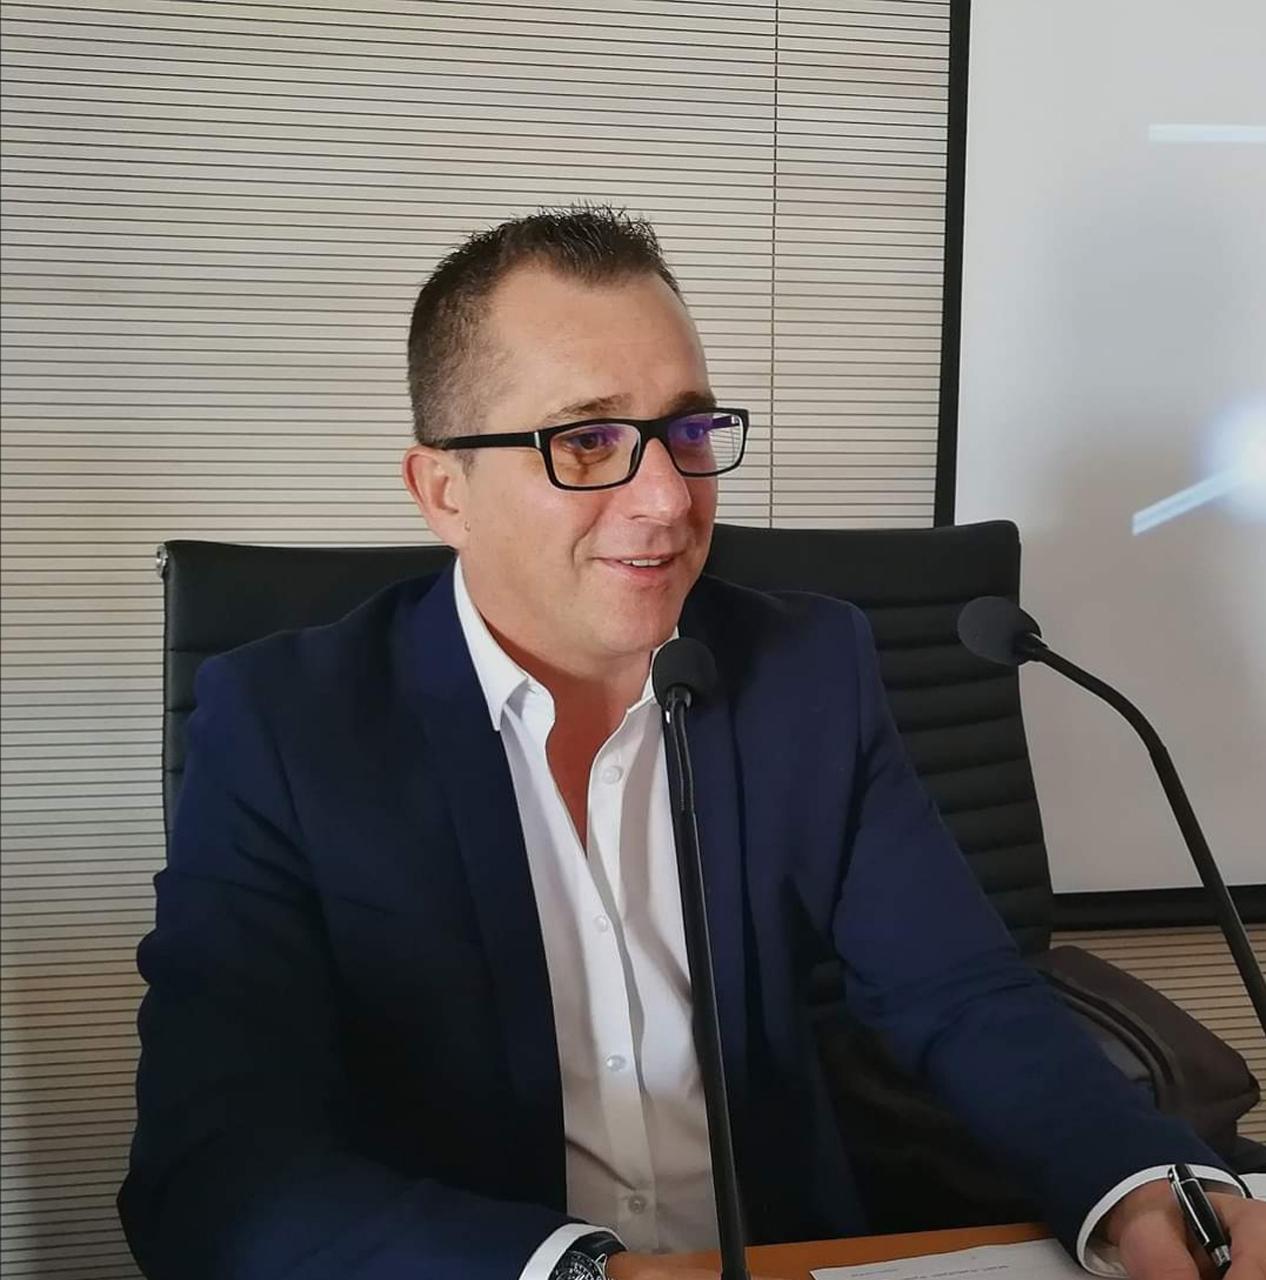 Vitor Nuno  Anjos